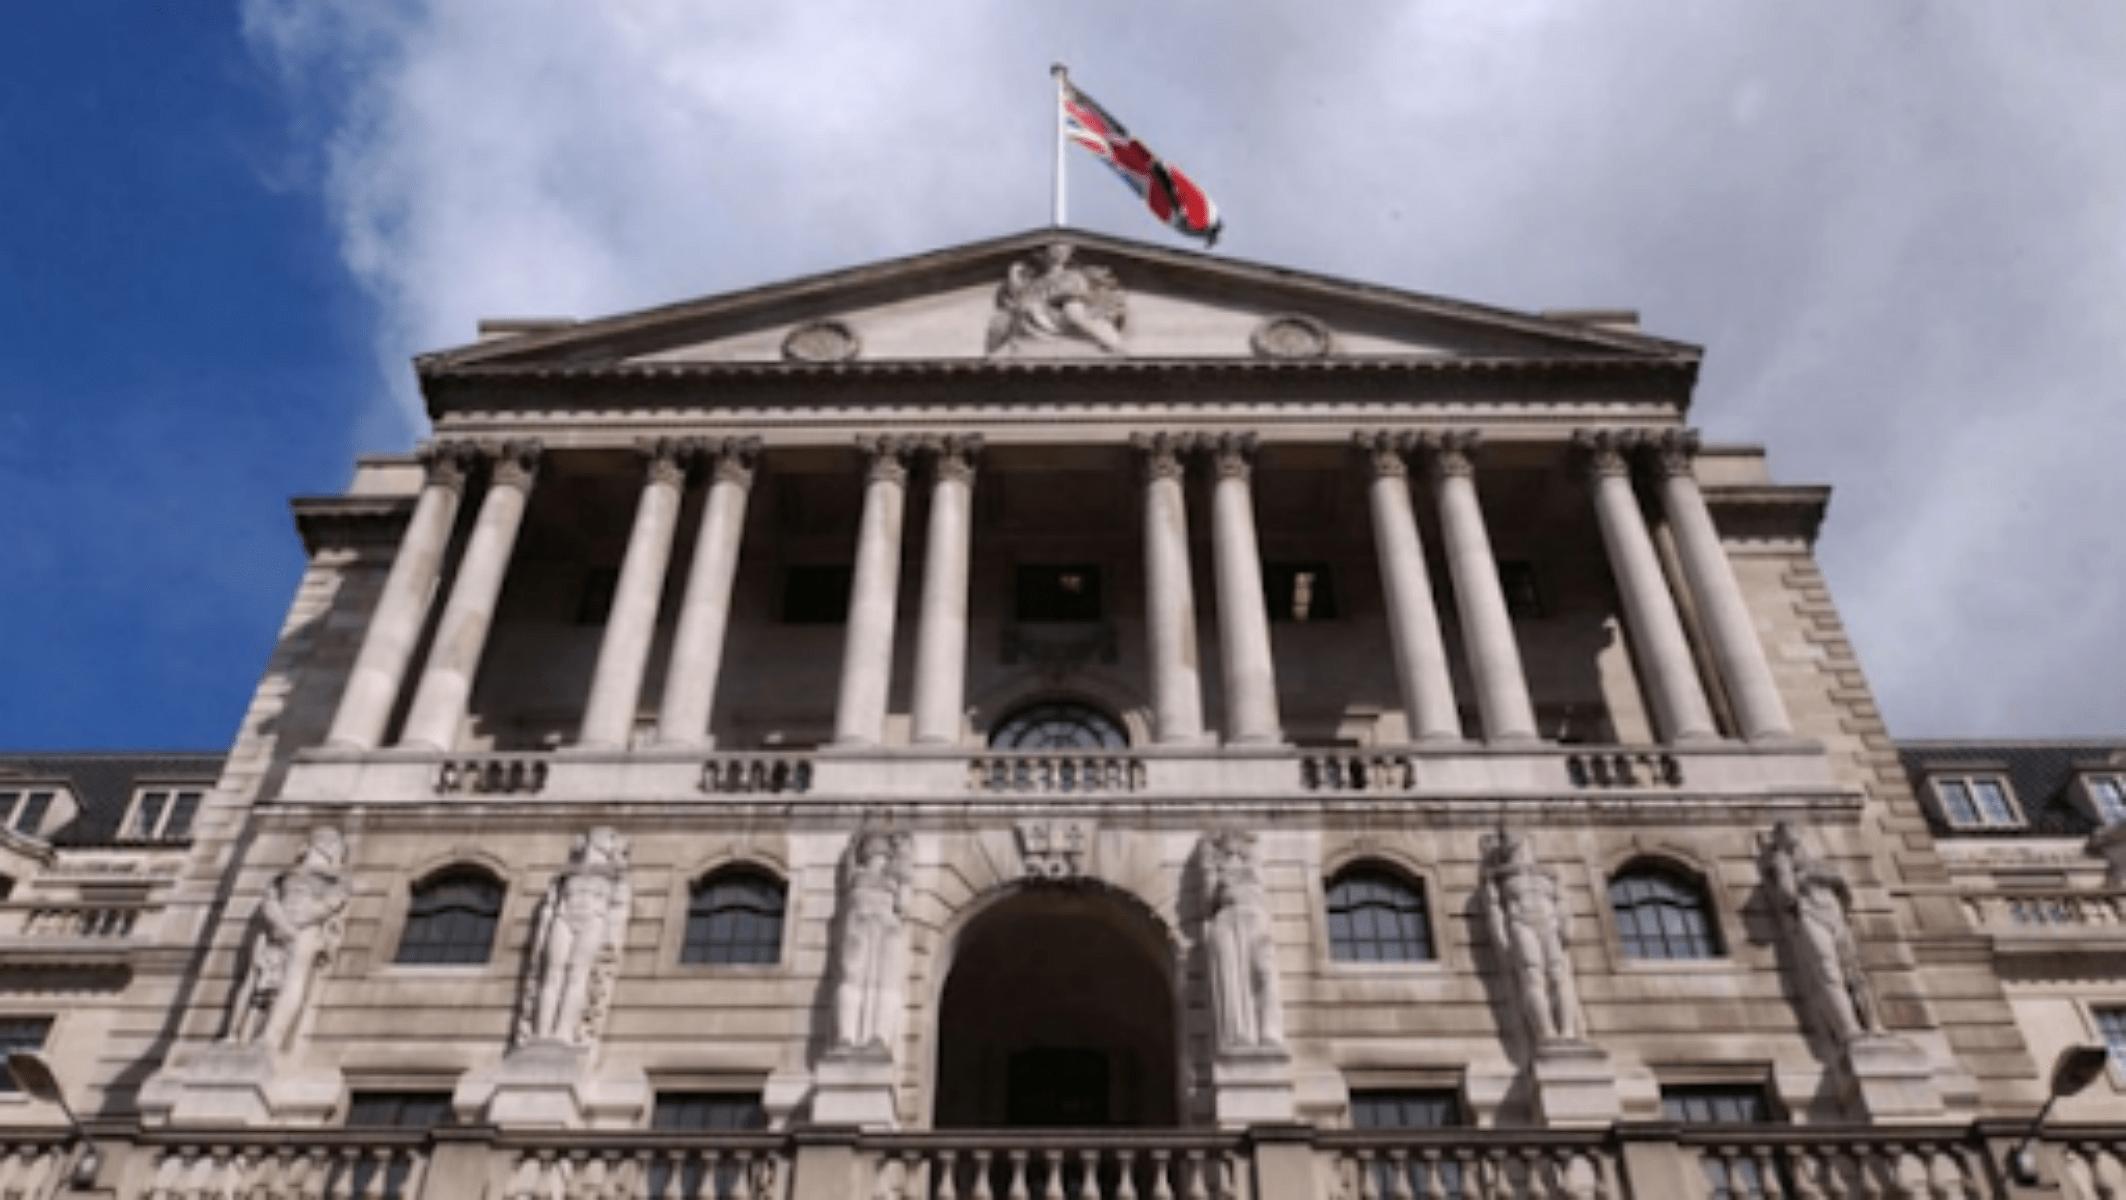 영국은행에서 중앙은행이 기술 회사에 대한 지불을 잃을 수 있다고 했습니다